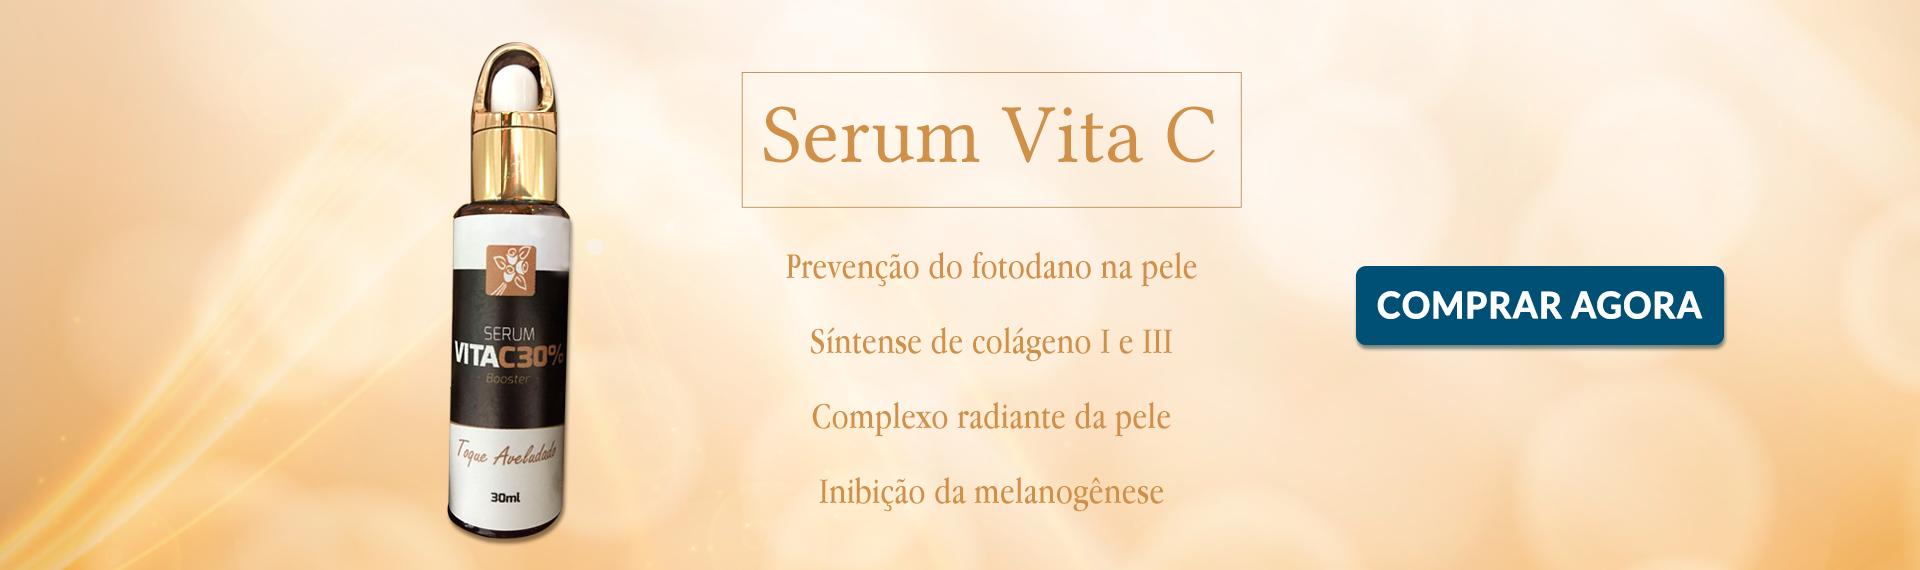 Serum Vita C